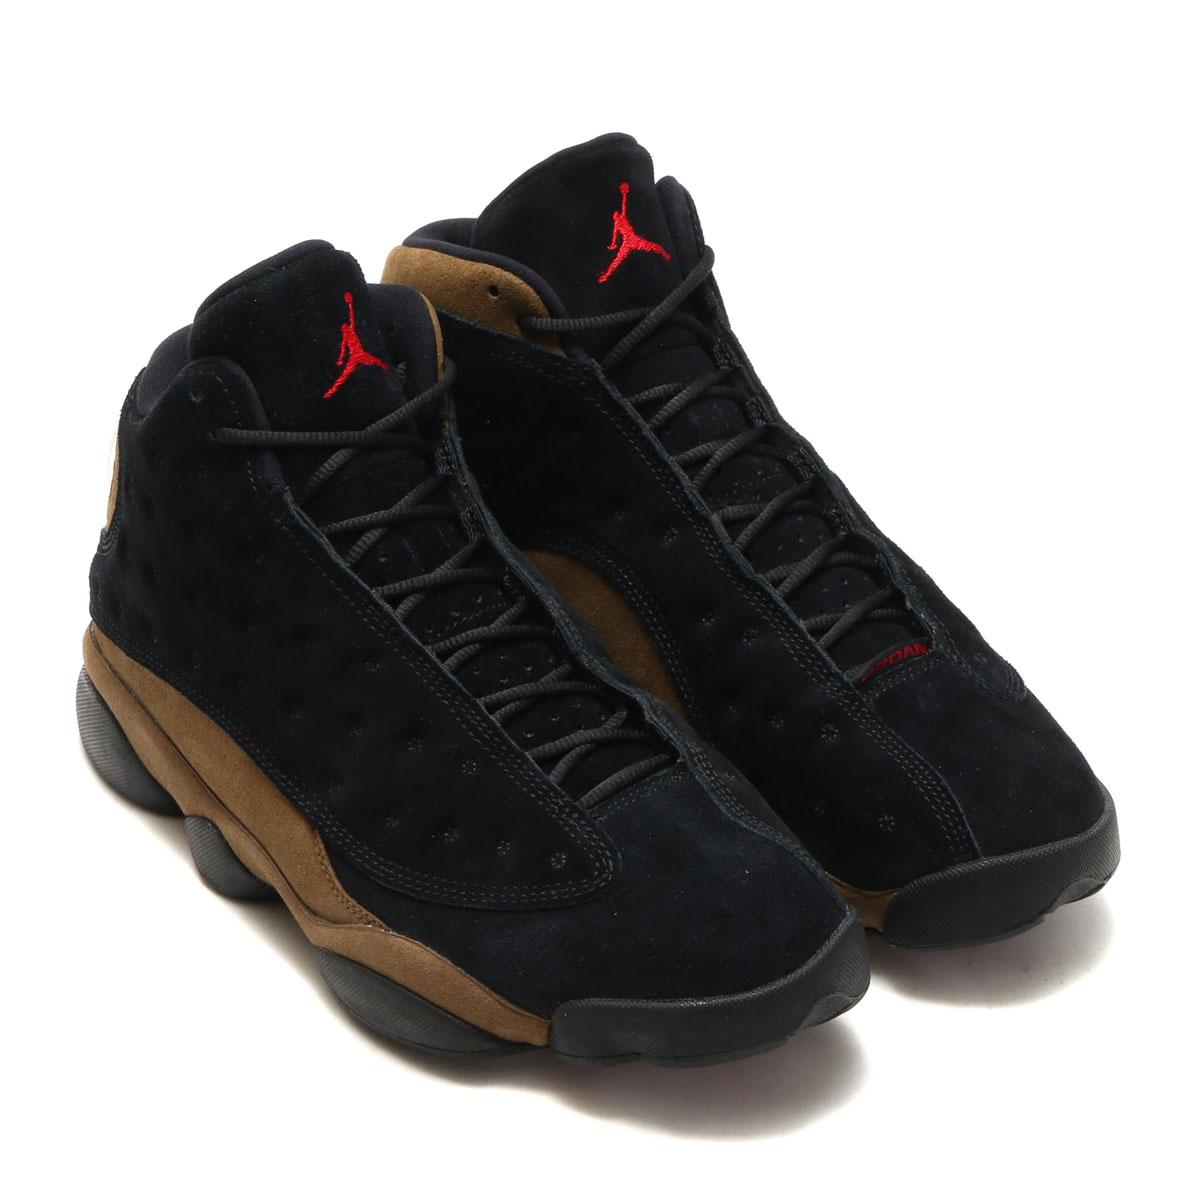 NIKE AIR JORDAN 13 RETRO (nostalgic Nike Air Jordan 13) (BLACK GYM RED-LIGHT  OLIVE-WHITE) 18SP-S d56e186c9